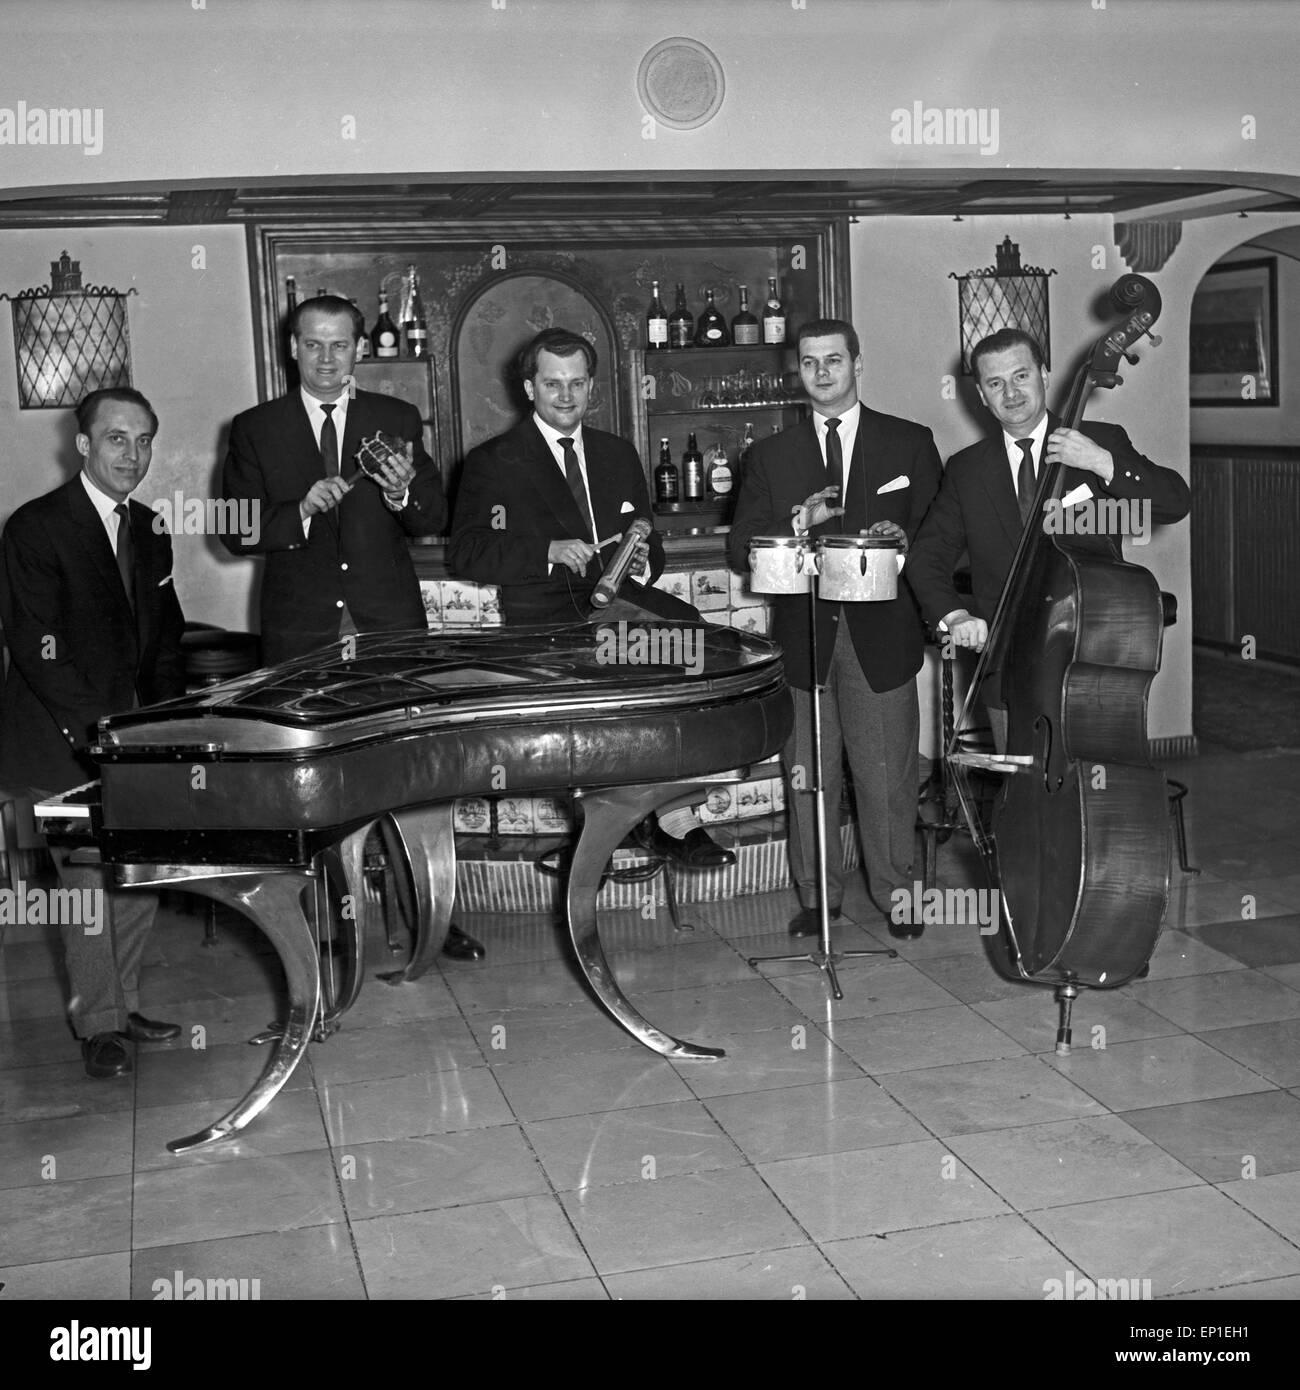 Das Quintett in Einer Kellerbar in Hamburg, Deutschland, 1950er ...